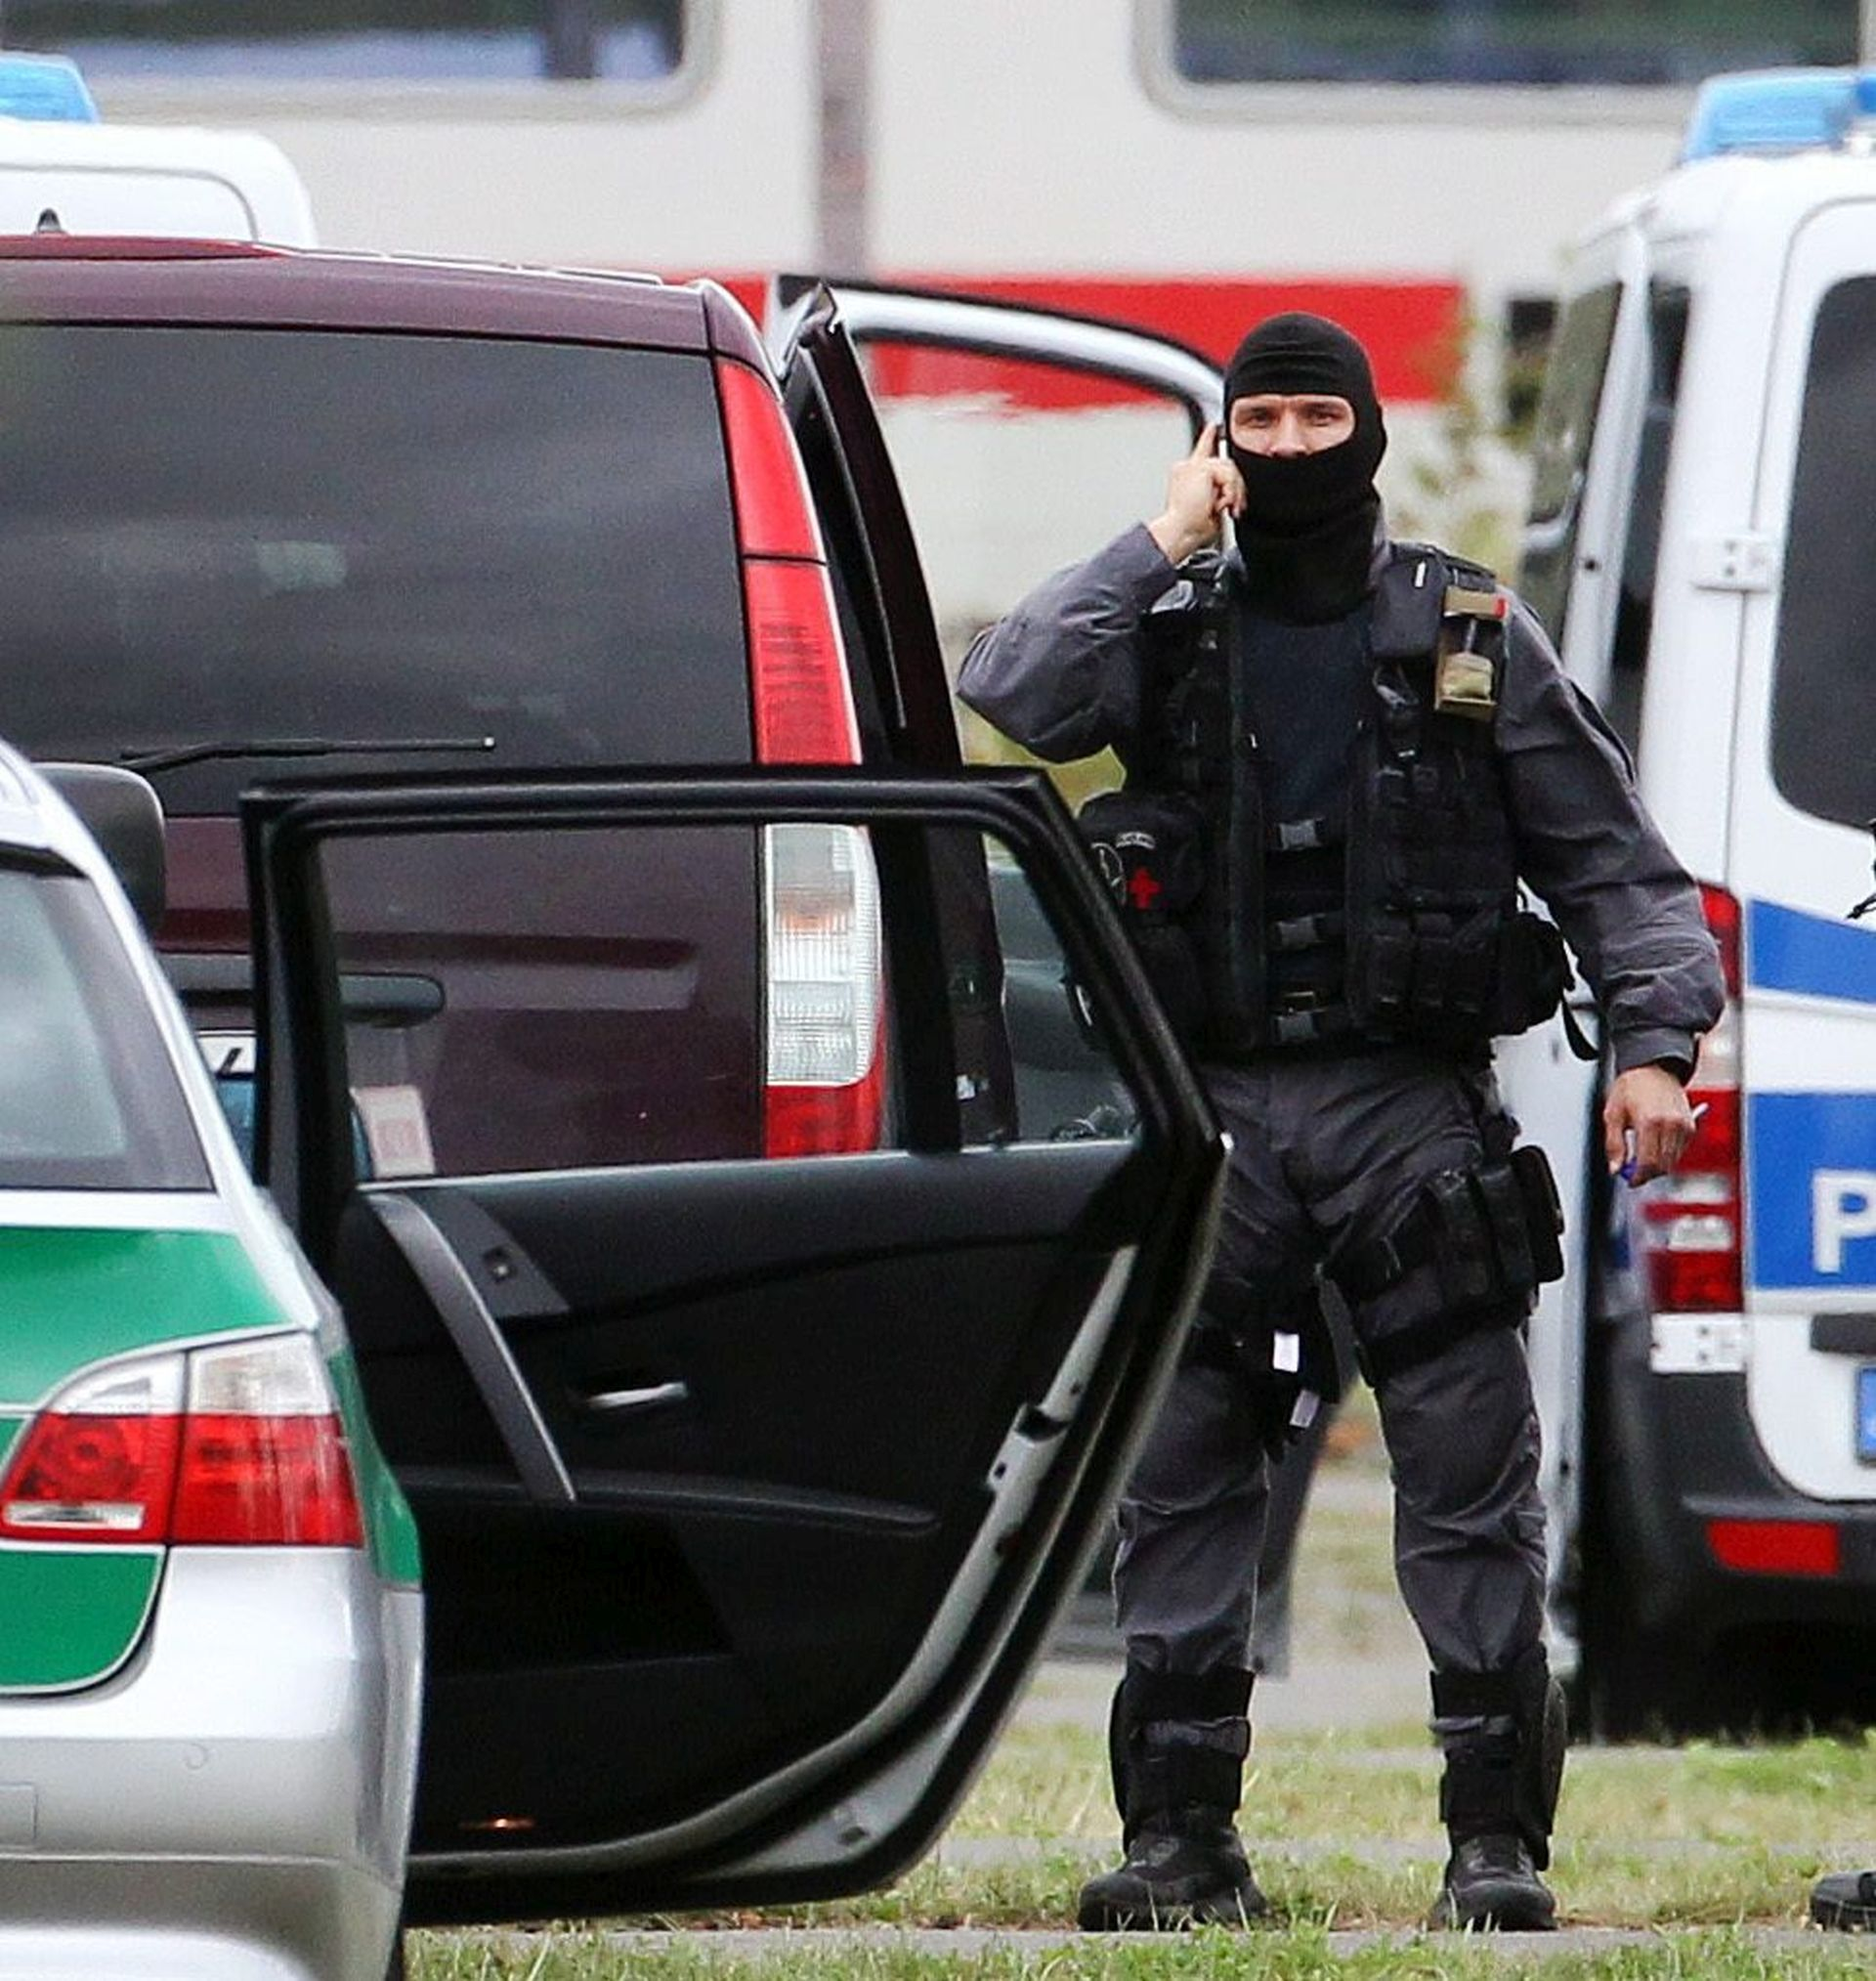 OPSADNO STANJE: U njemačkom Chemnitzu otkriven eksploziv, sumnja na pripremu terorističkog napada